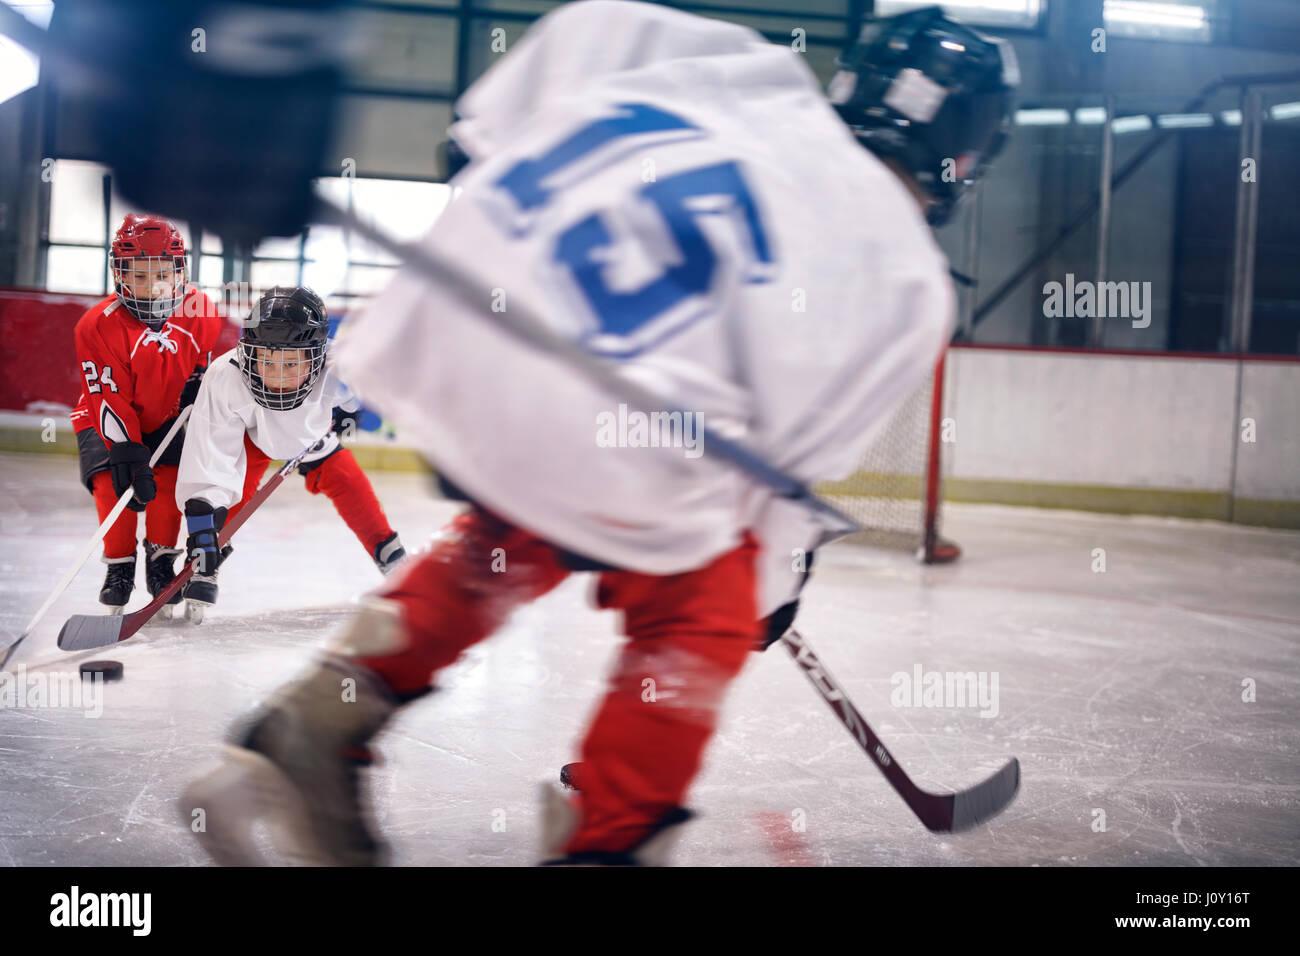 Petit Garçon jouant sur la patinoire de hockey sur glace Photo Stock